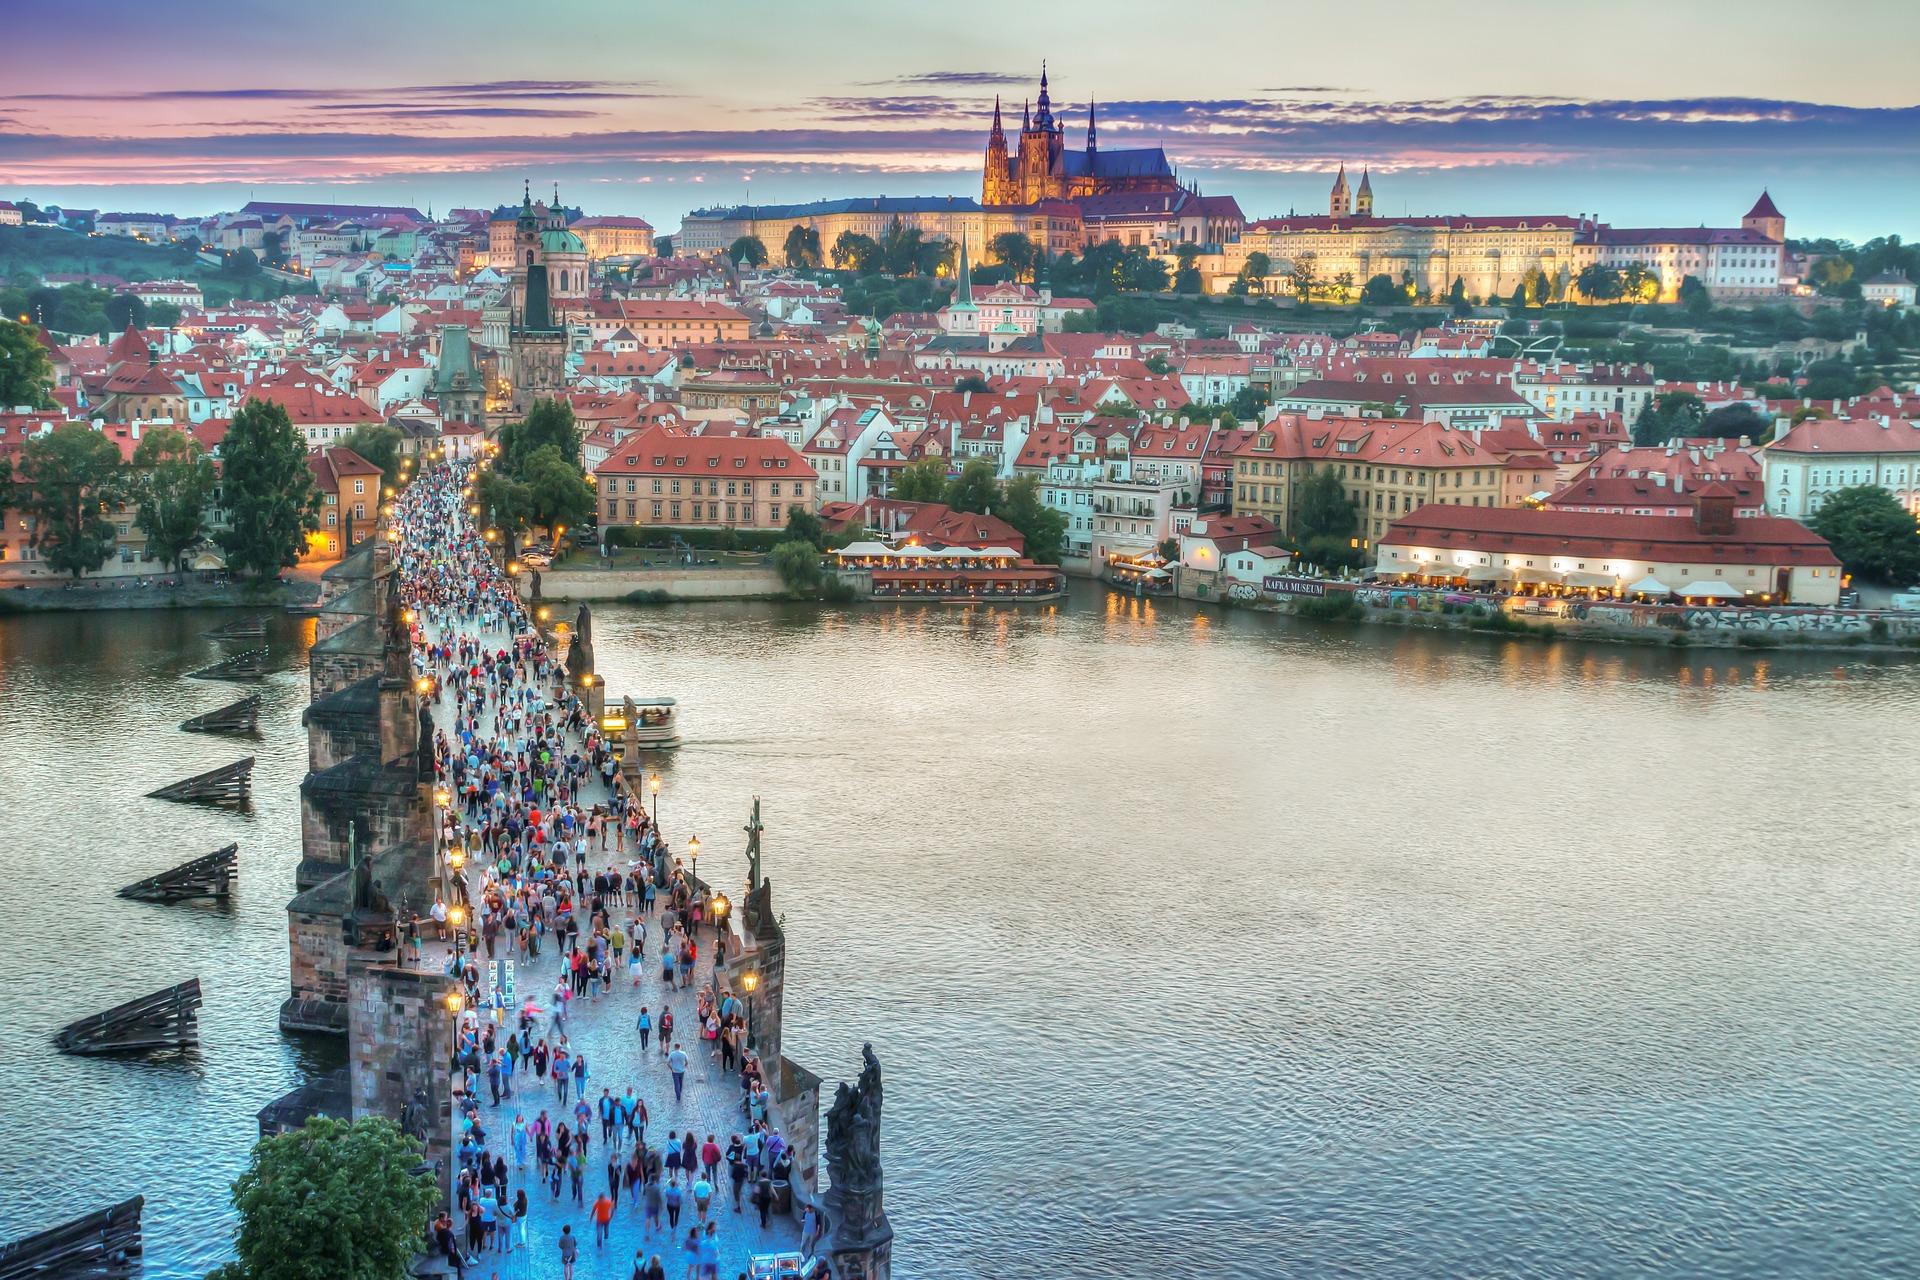 לימודי פסיכולוגיה בפראג ומזרח אירופה